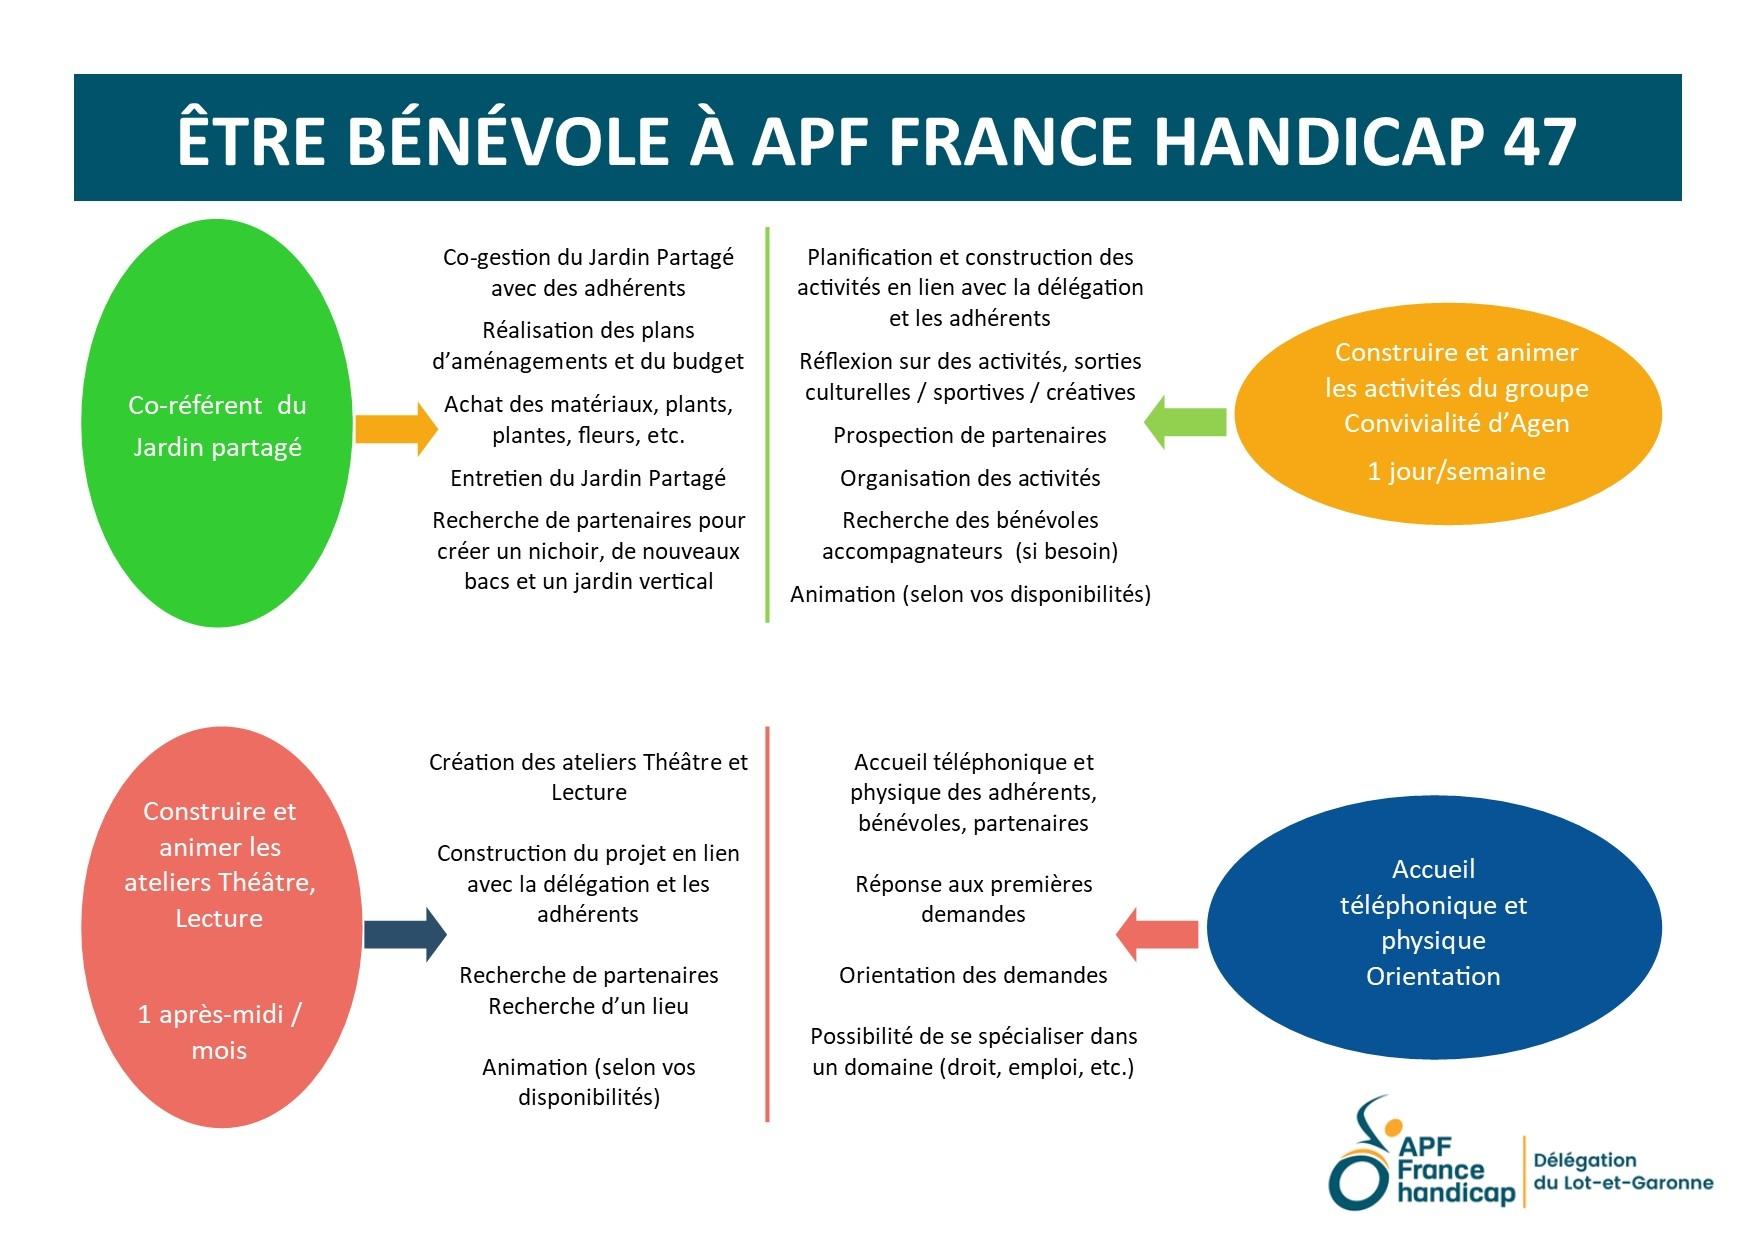 Être Bénévole à APF France handicap 47 - P02.jpg